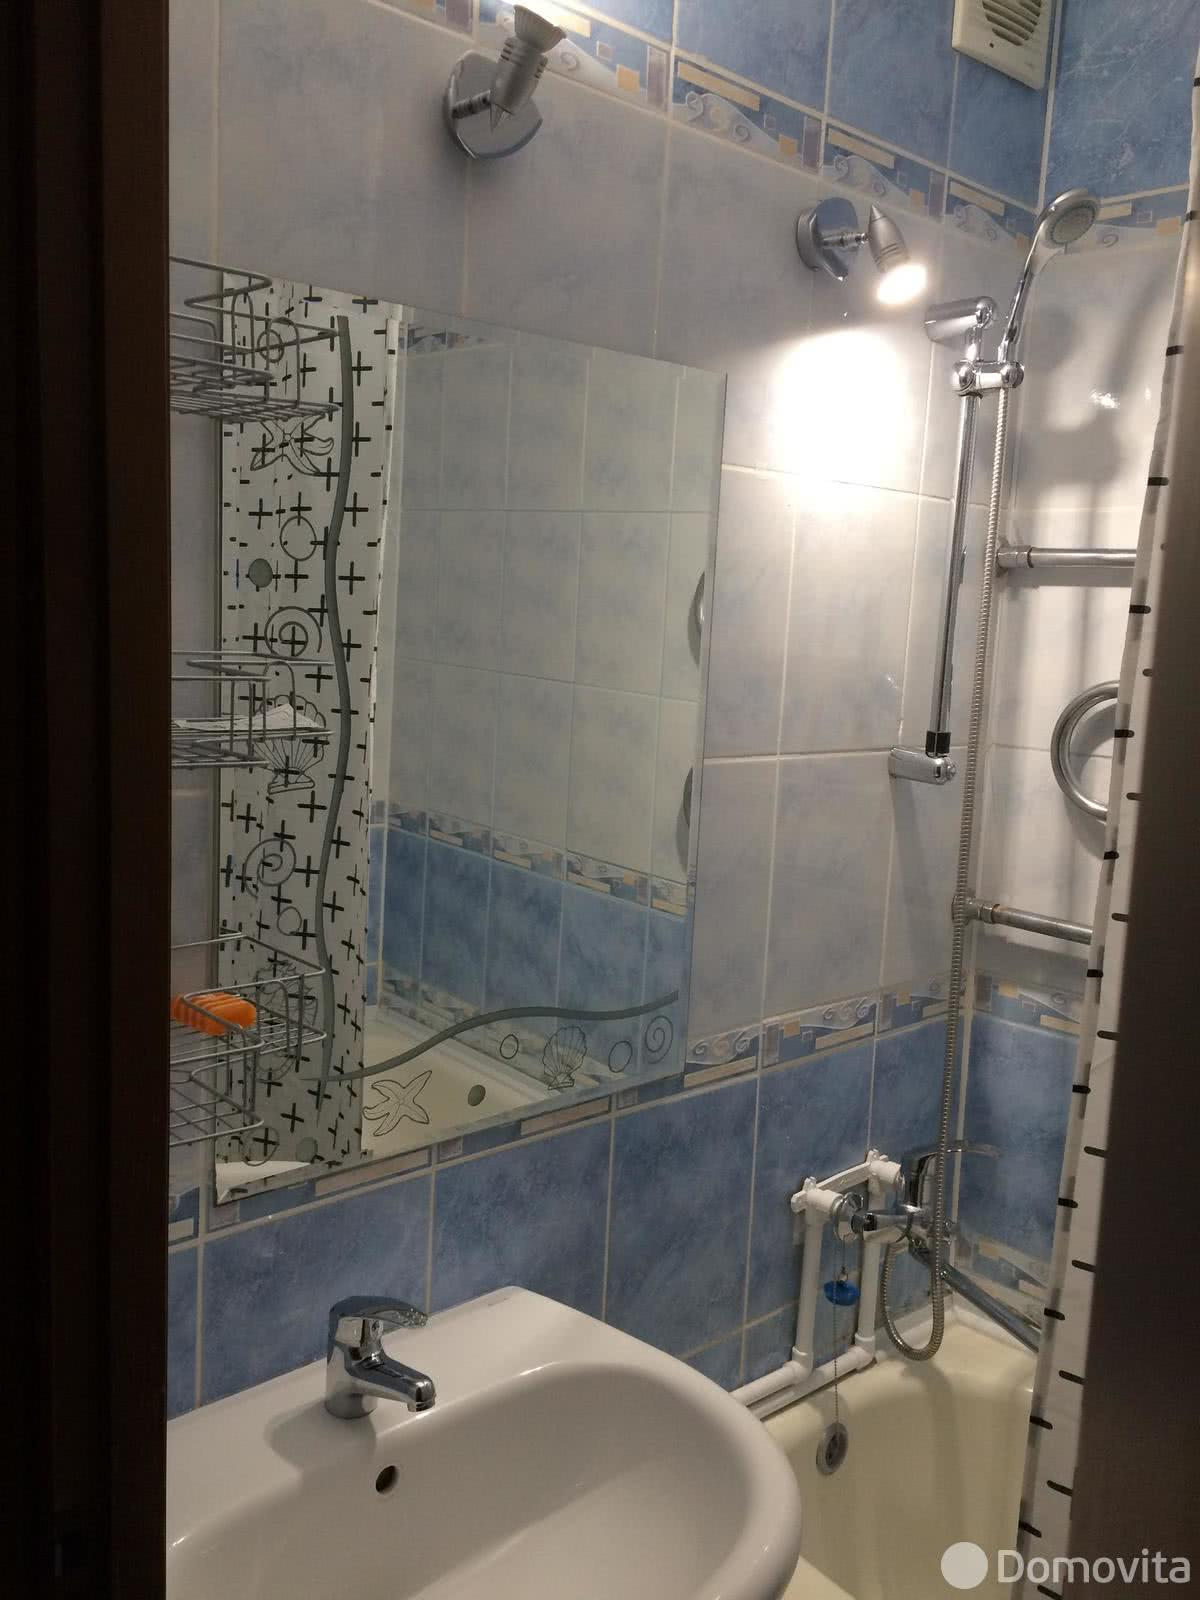 3-комнатная квартира на сутки в Волковыске, Волковысский район, ул. Горбатова, д. 20 - фото 2